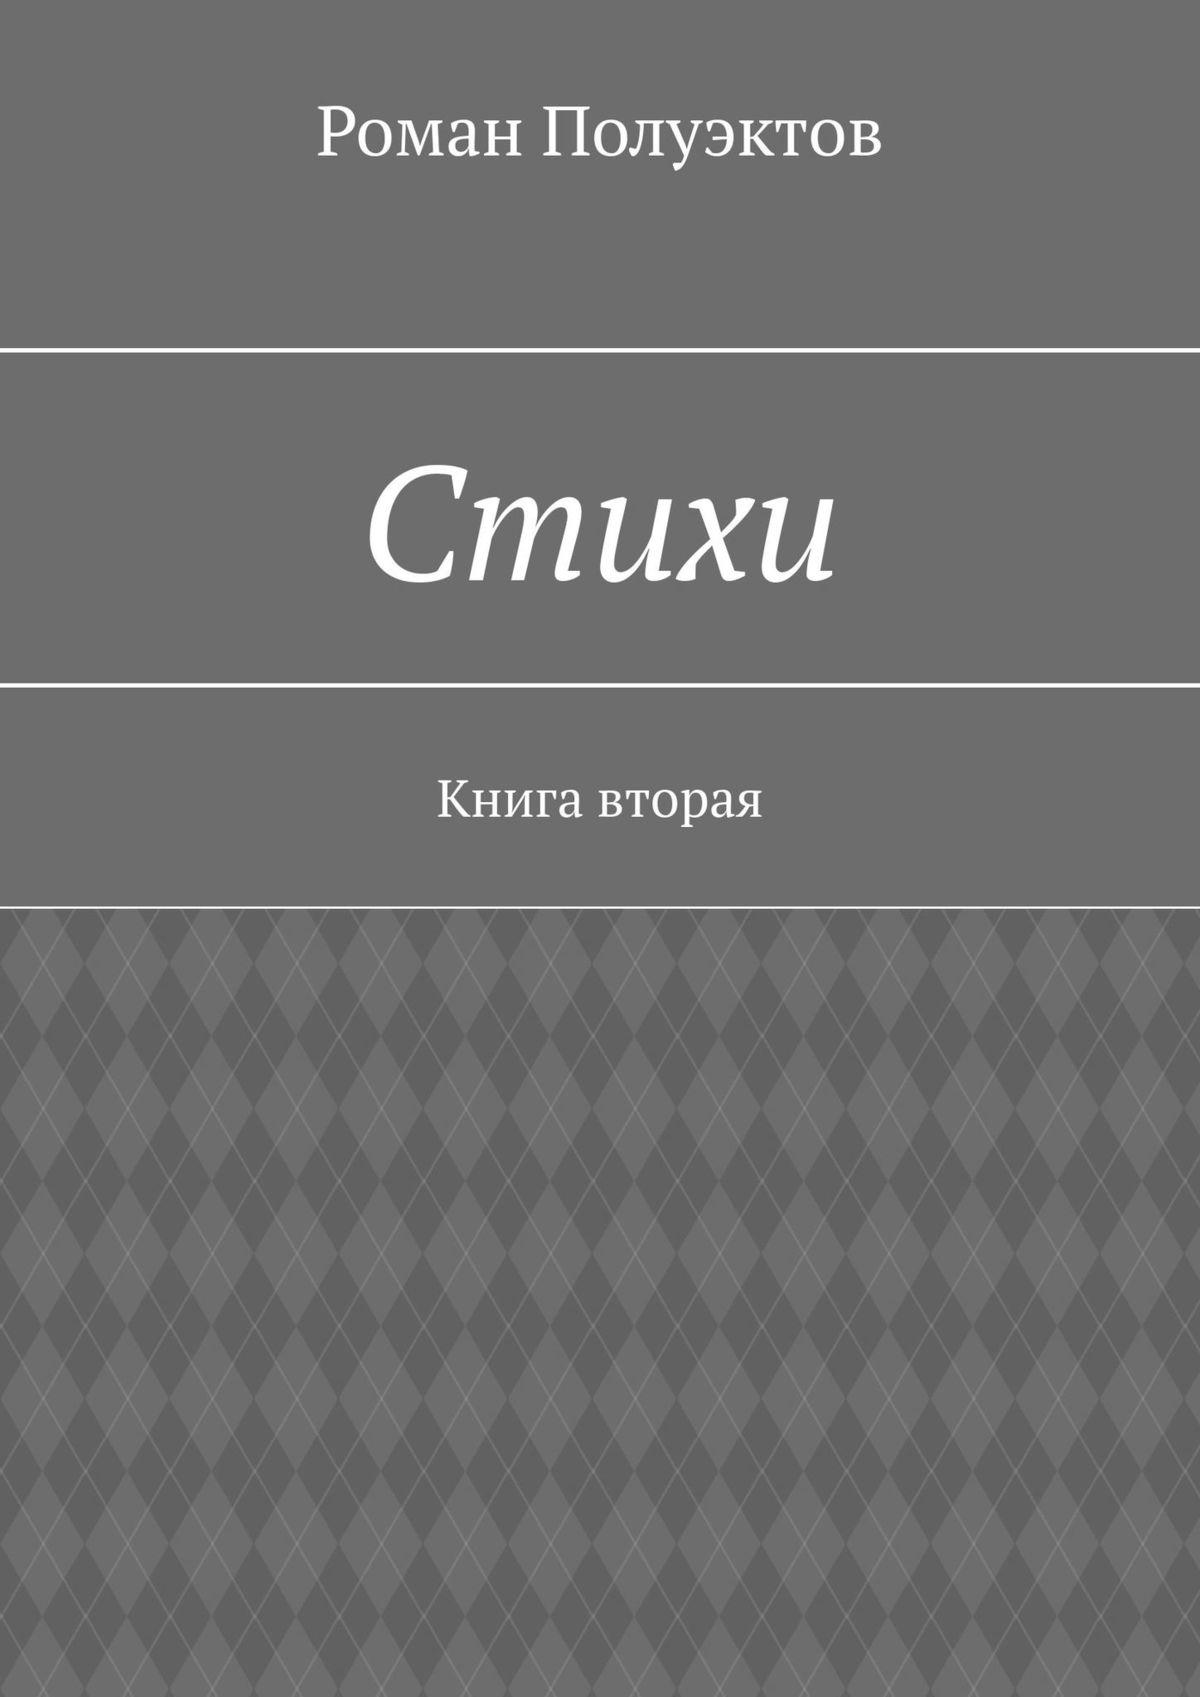 Роман Полуэктов Стихи. Книга вторая